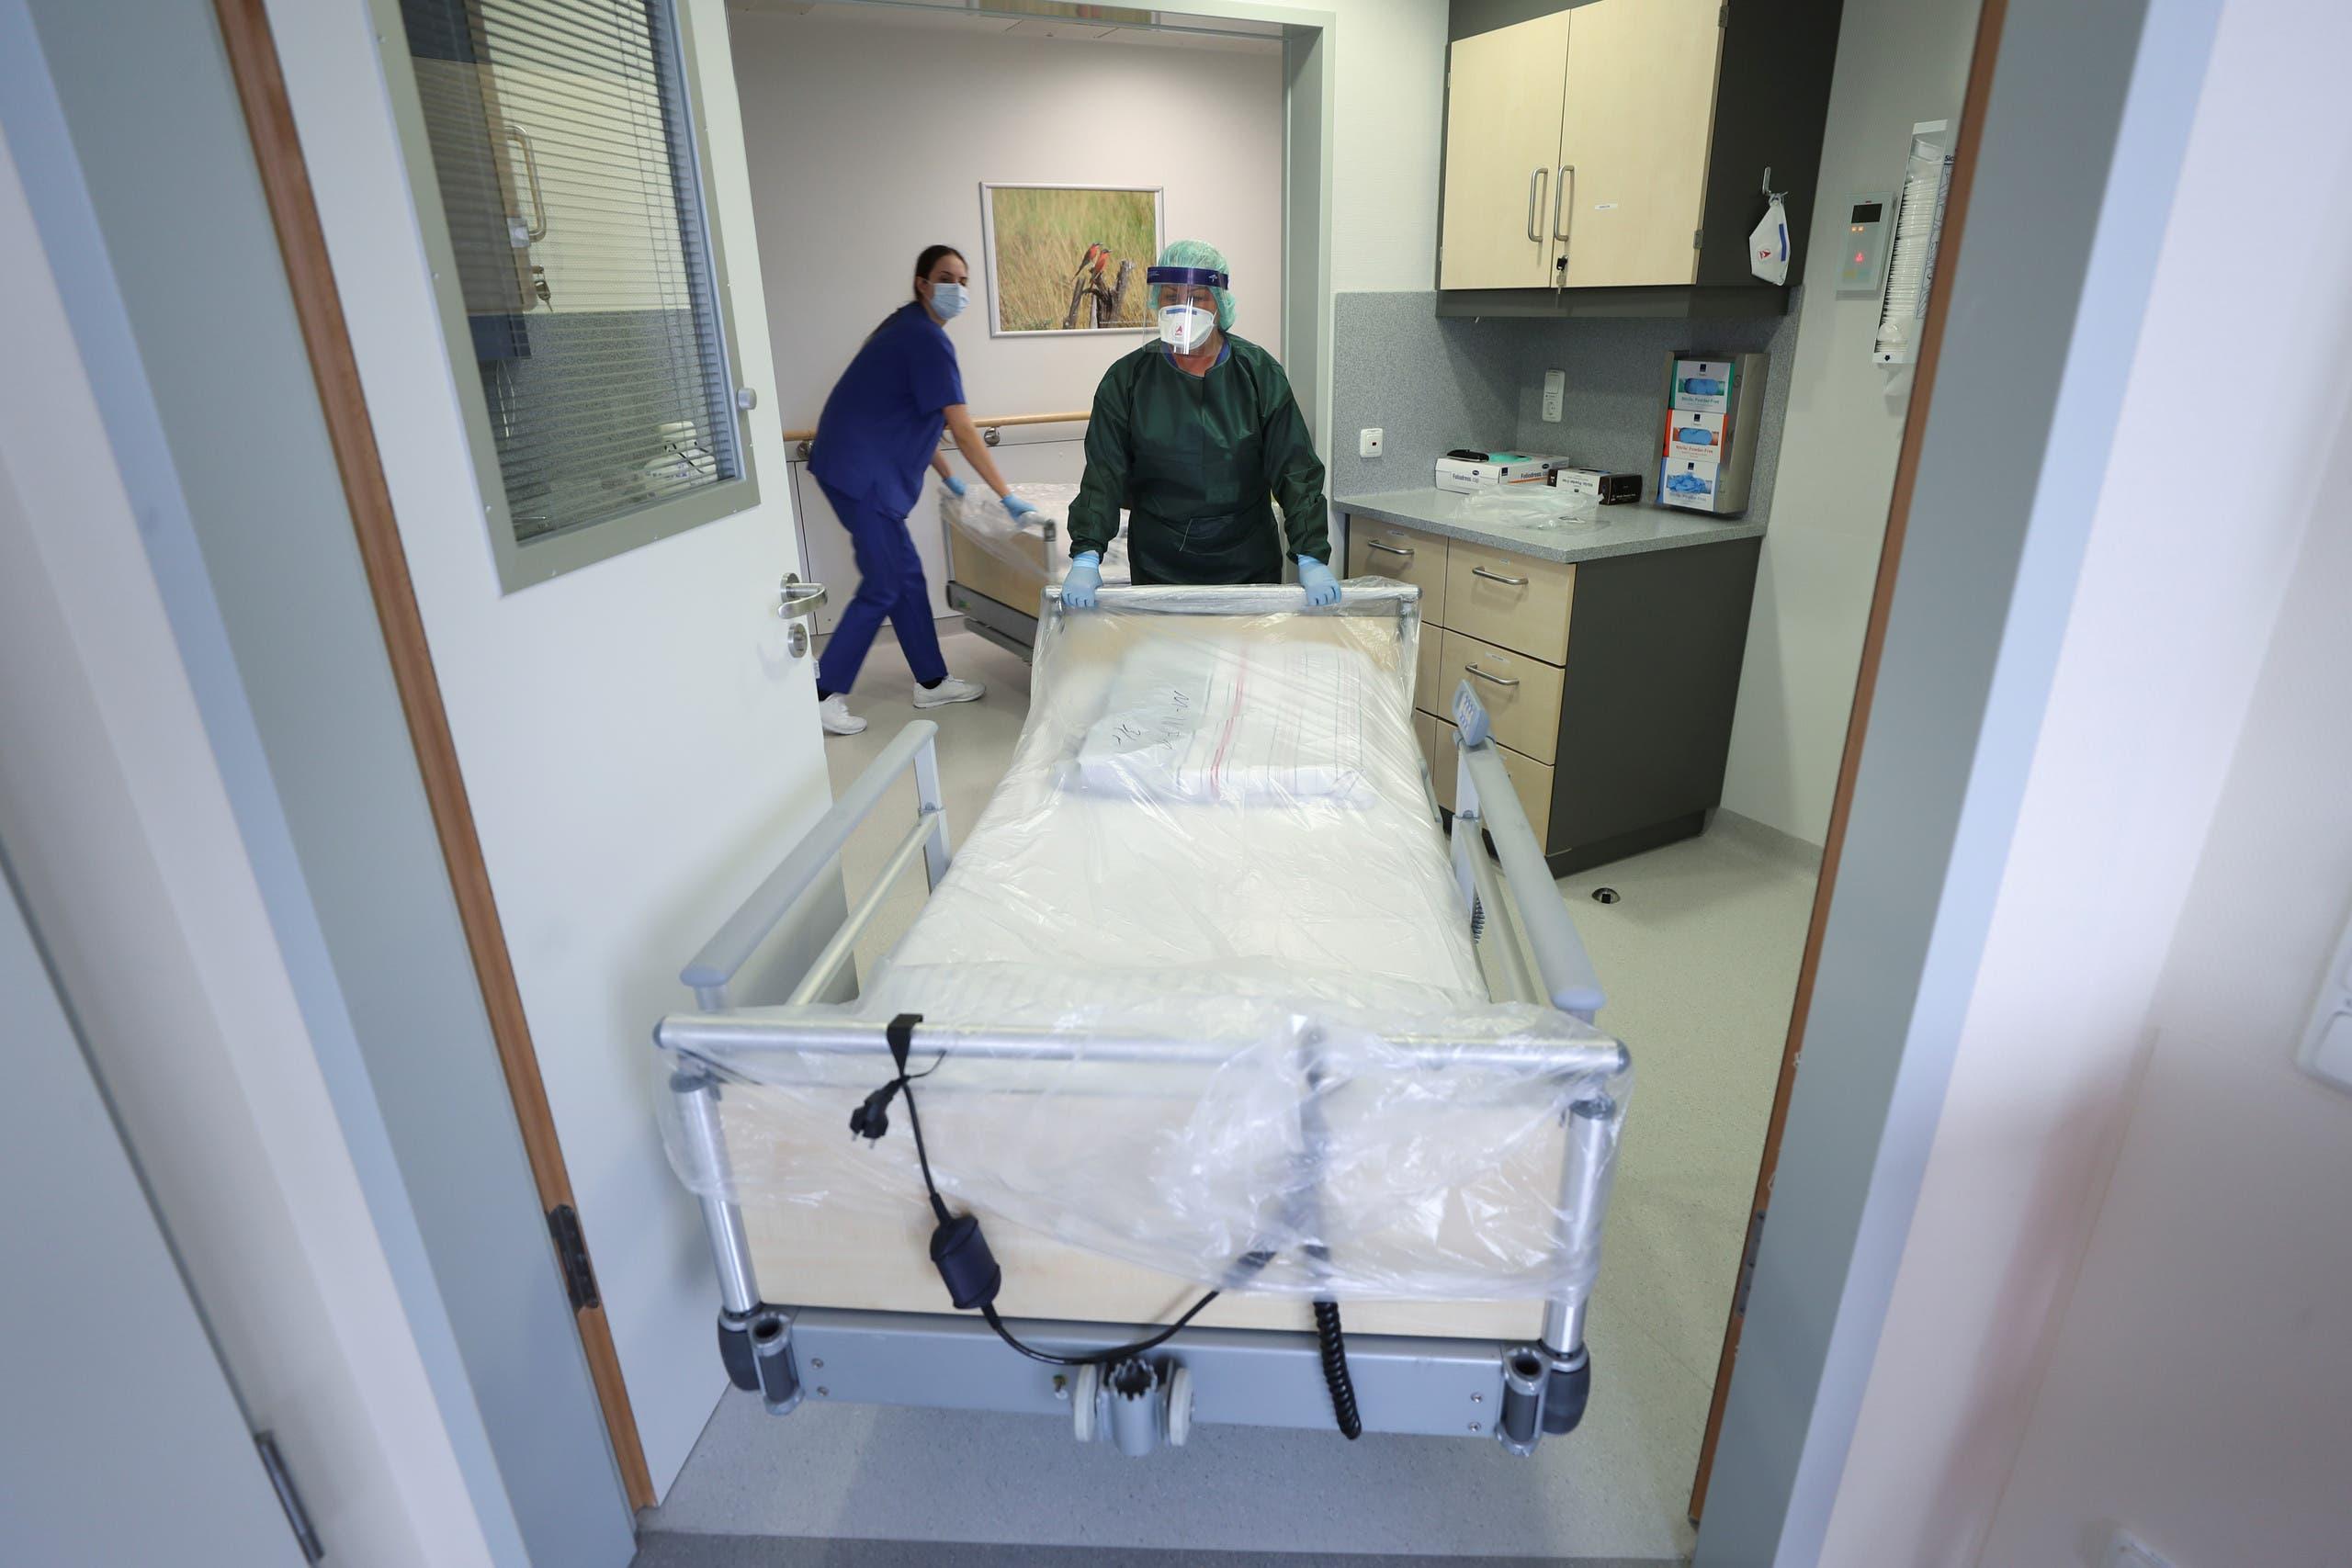 ممرضة في مستشفى إسن تجهز غرفة لمرضى كورونا (أرشيفية)